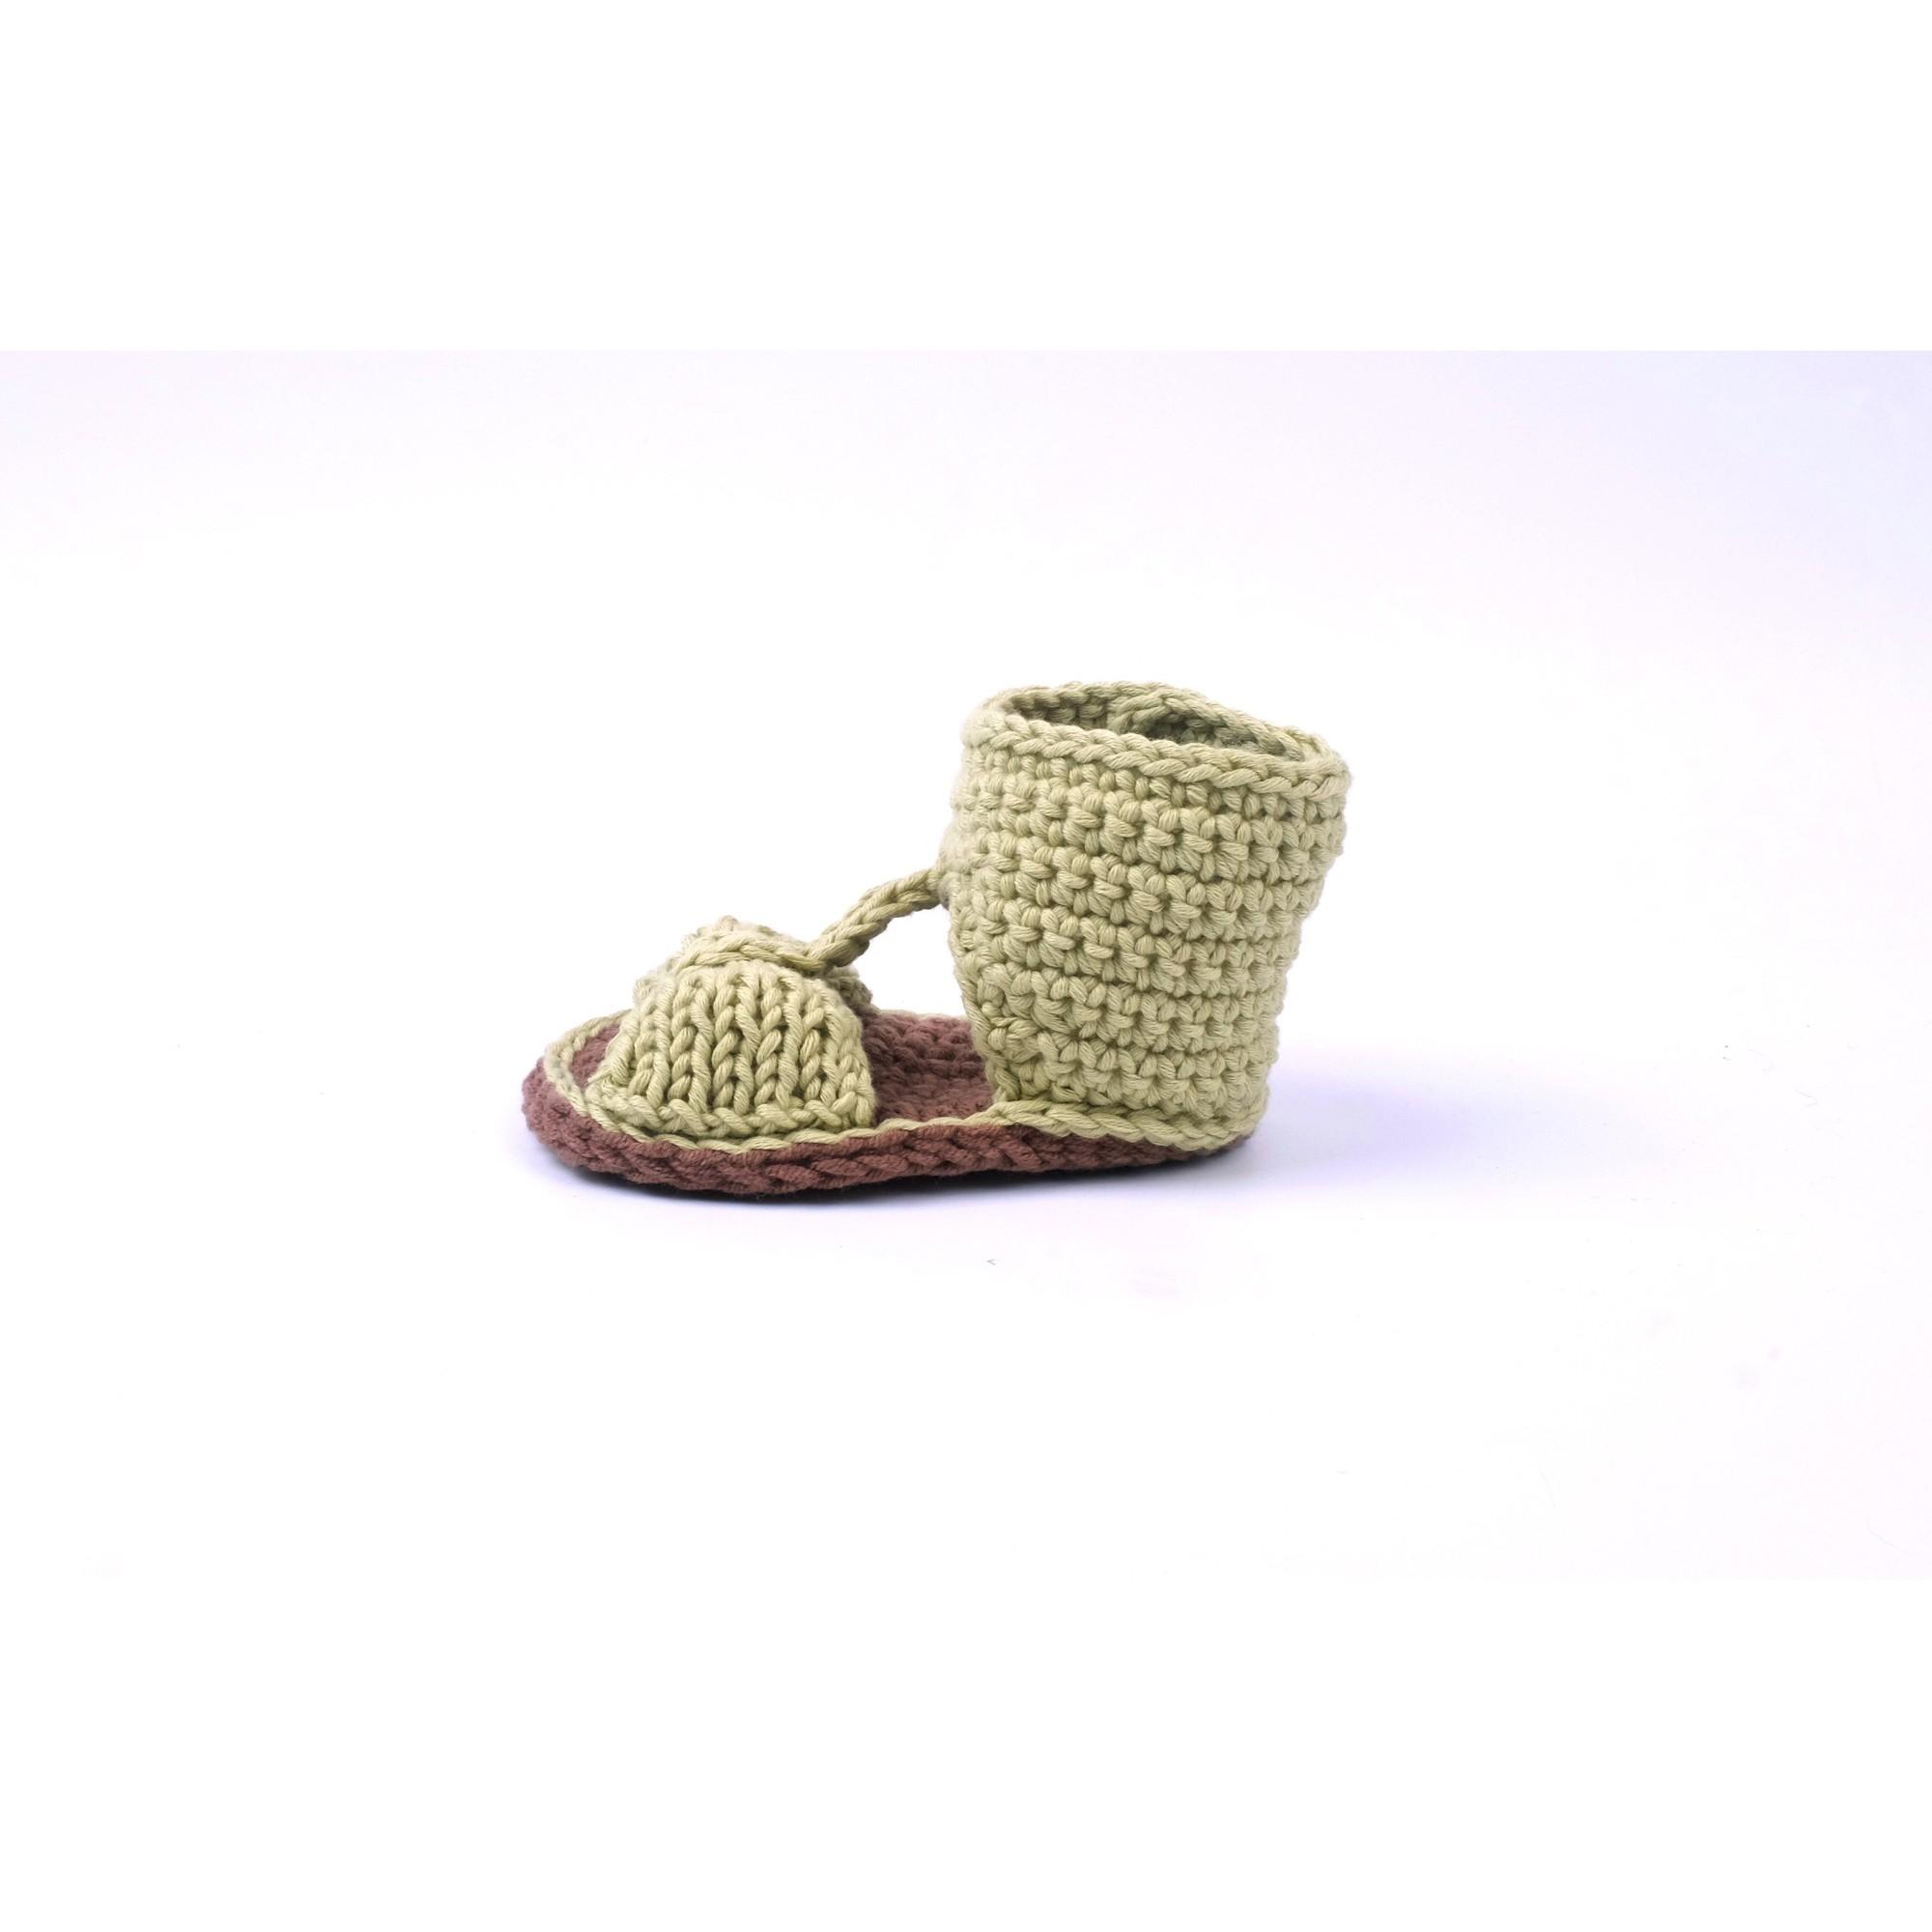 Sandale Jeannette verte tricotée pour bébé - autre vue